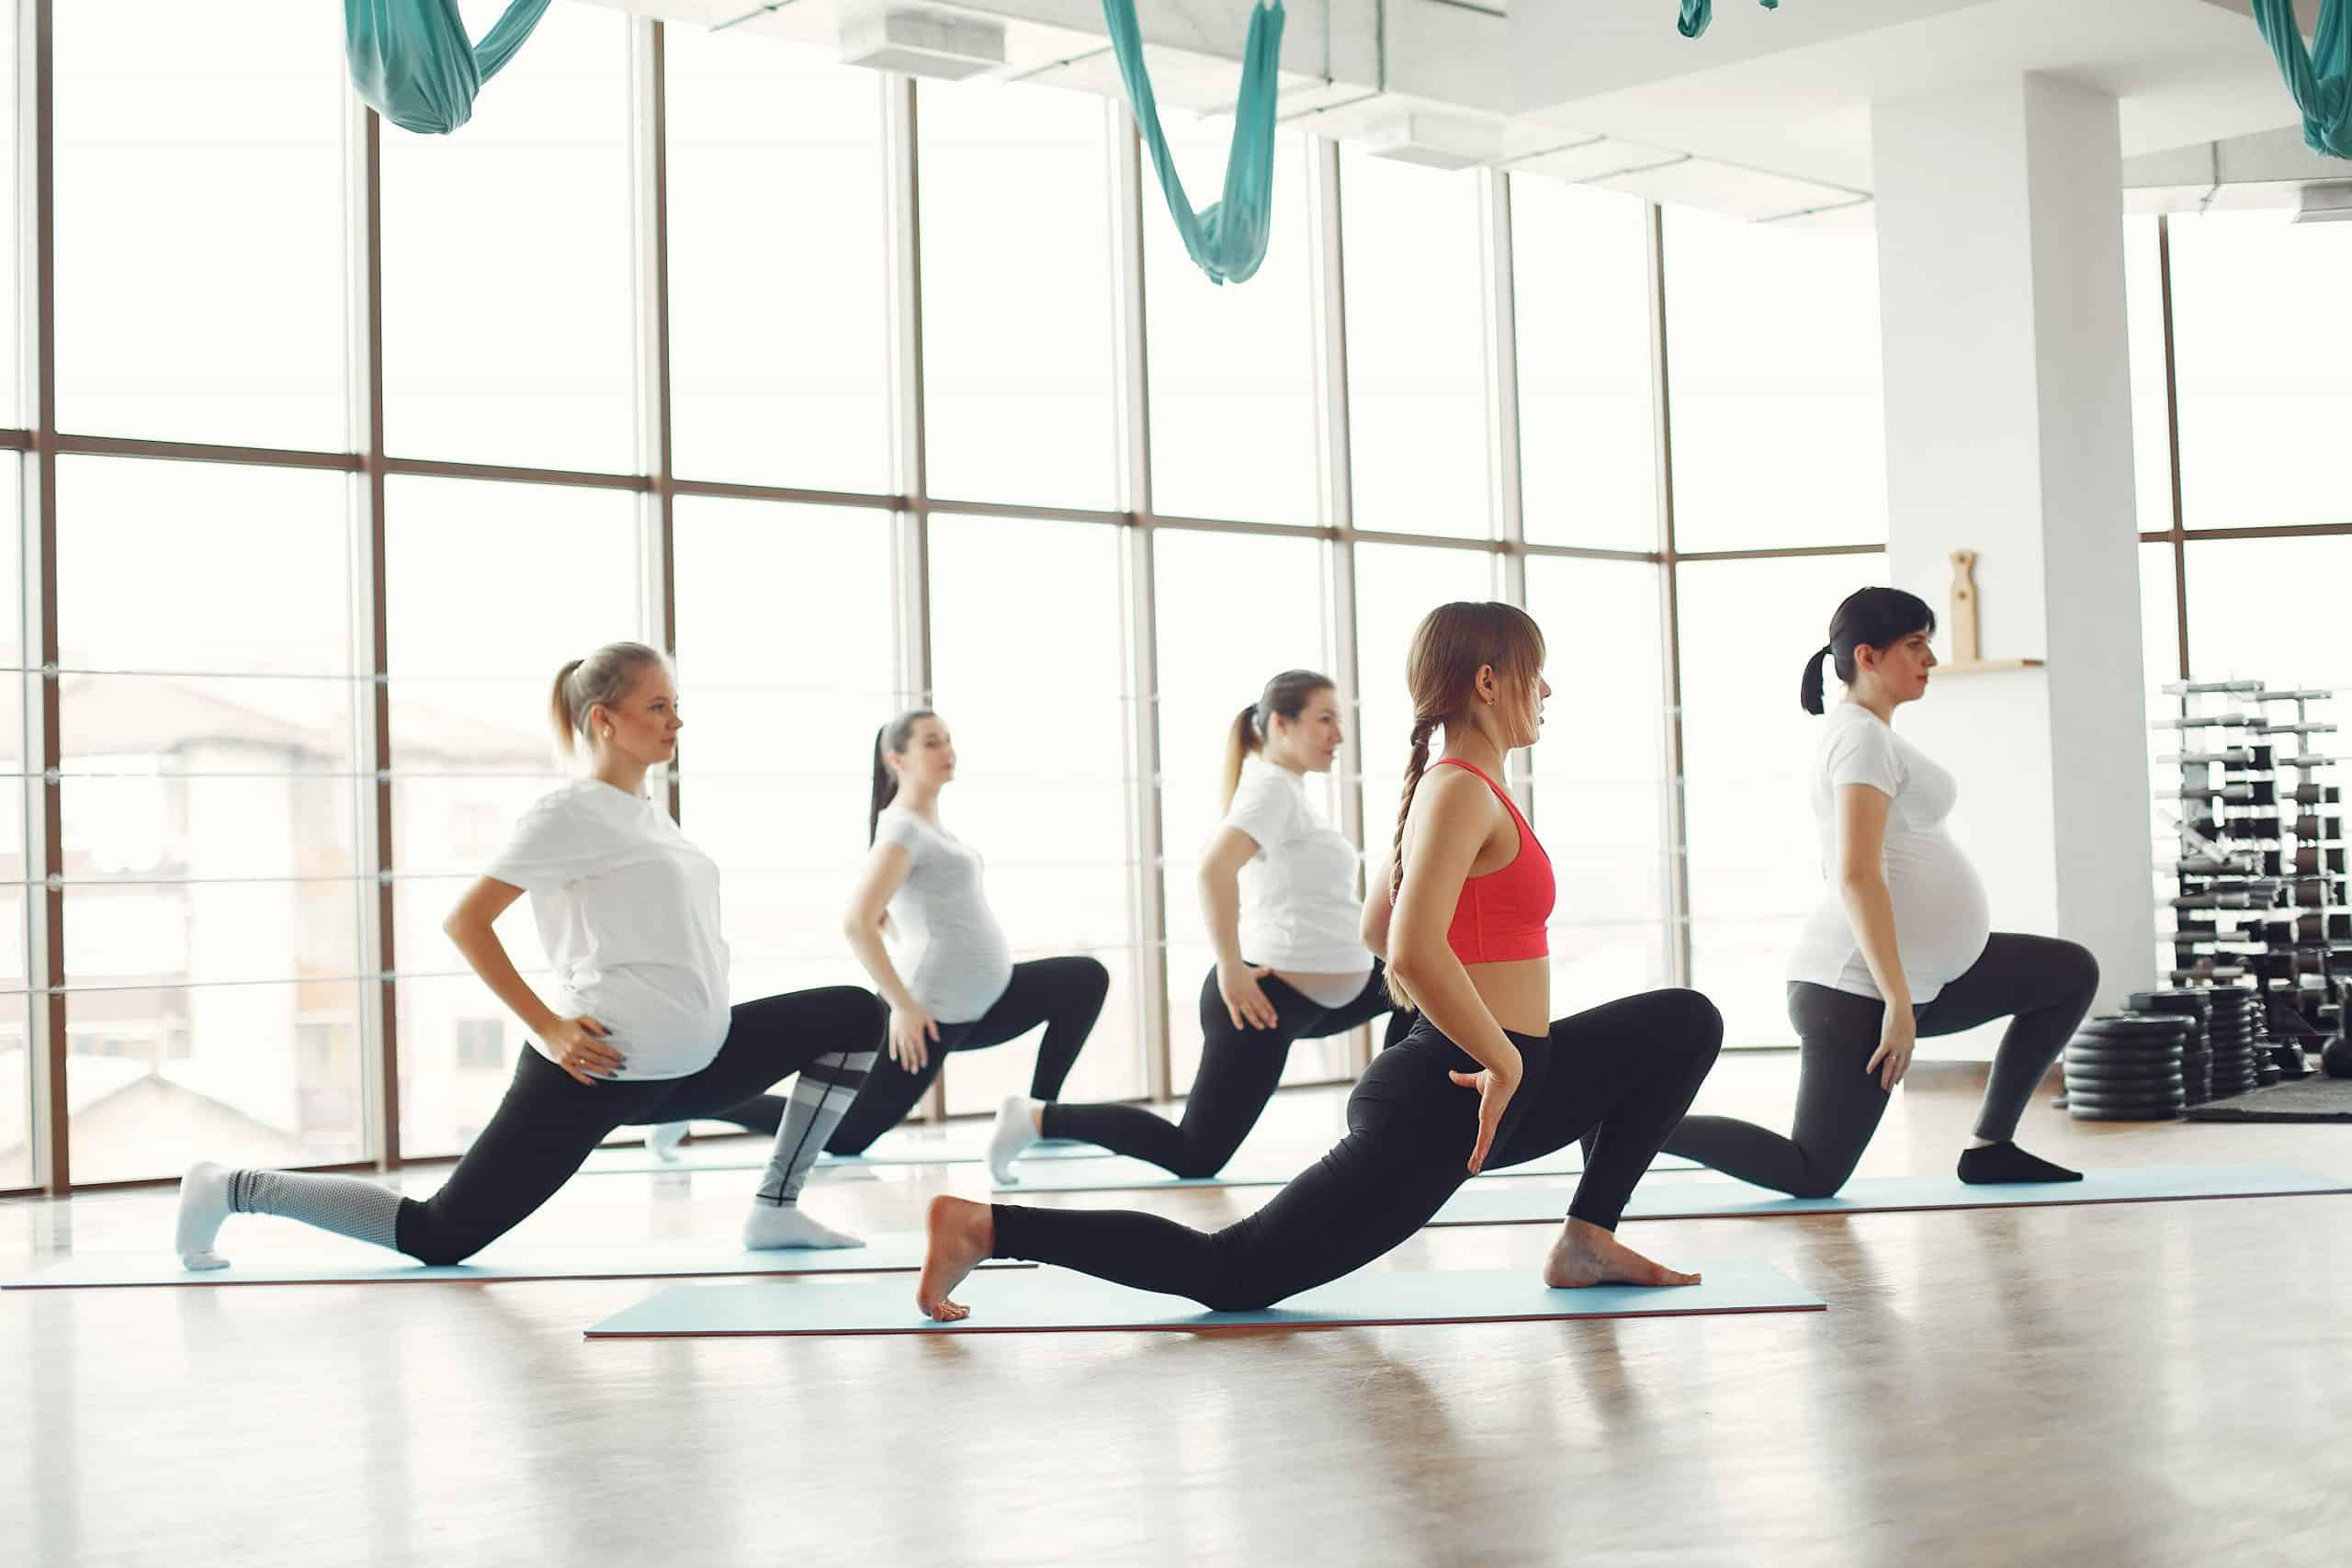 Canva - Women Doing Yoga Indoors